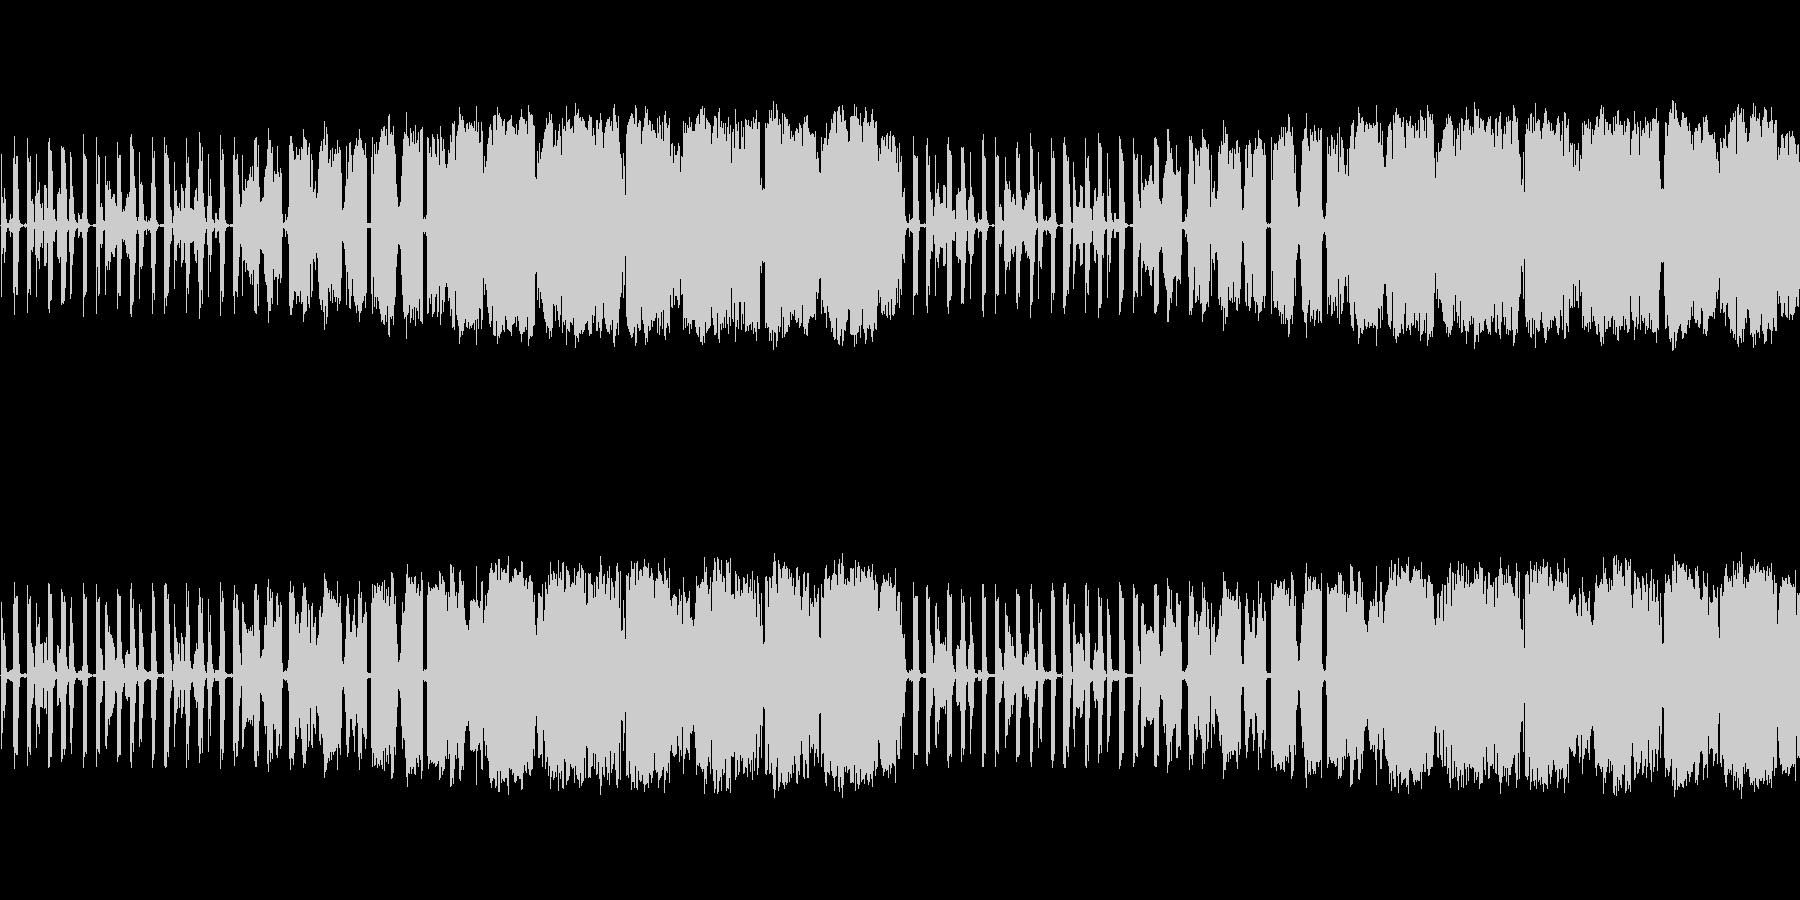 【ホラー/映画/BGM】の未再生の波形